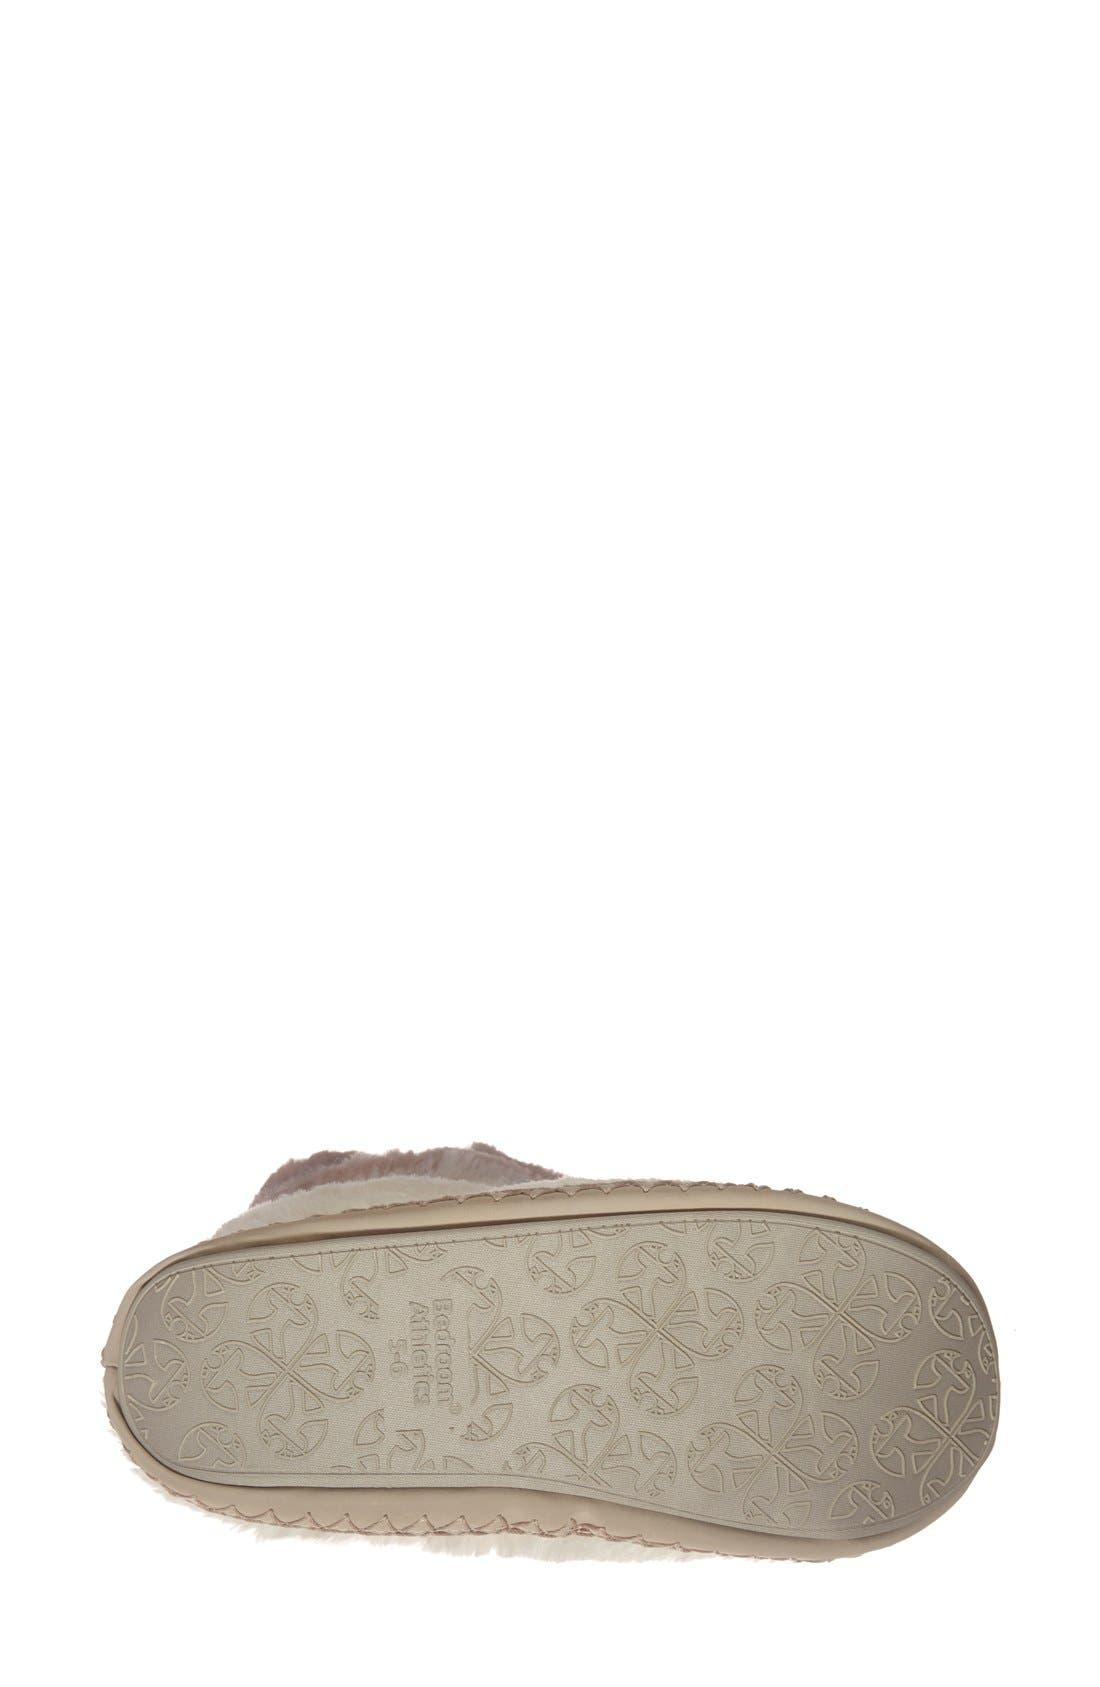 Alternate Image 4  - Bedroom Athletics 'Fern' Slipper Boot (Women)